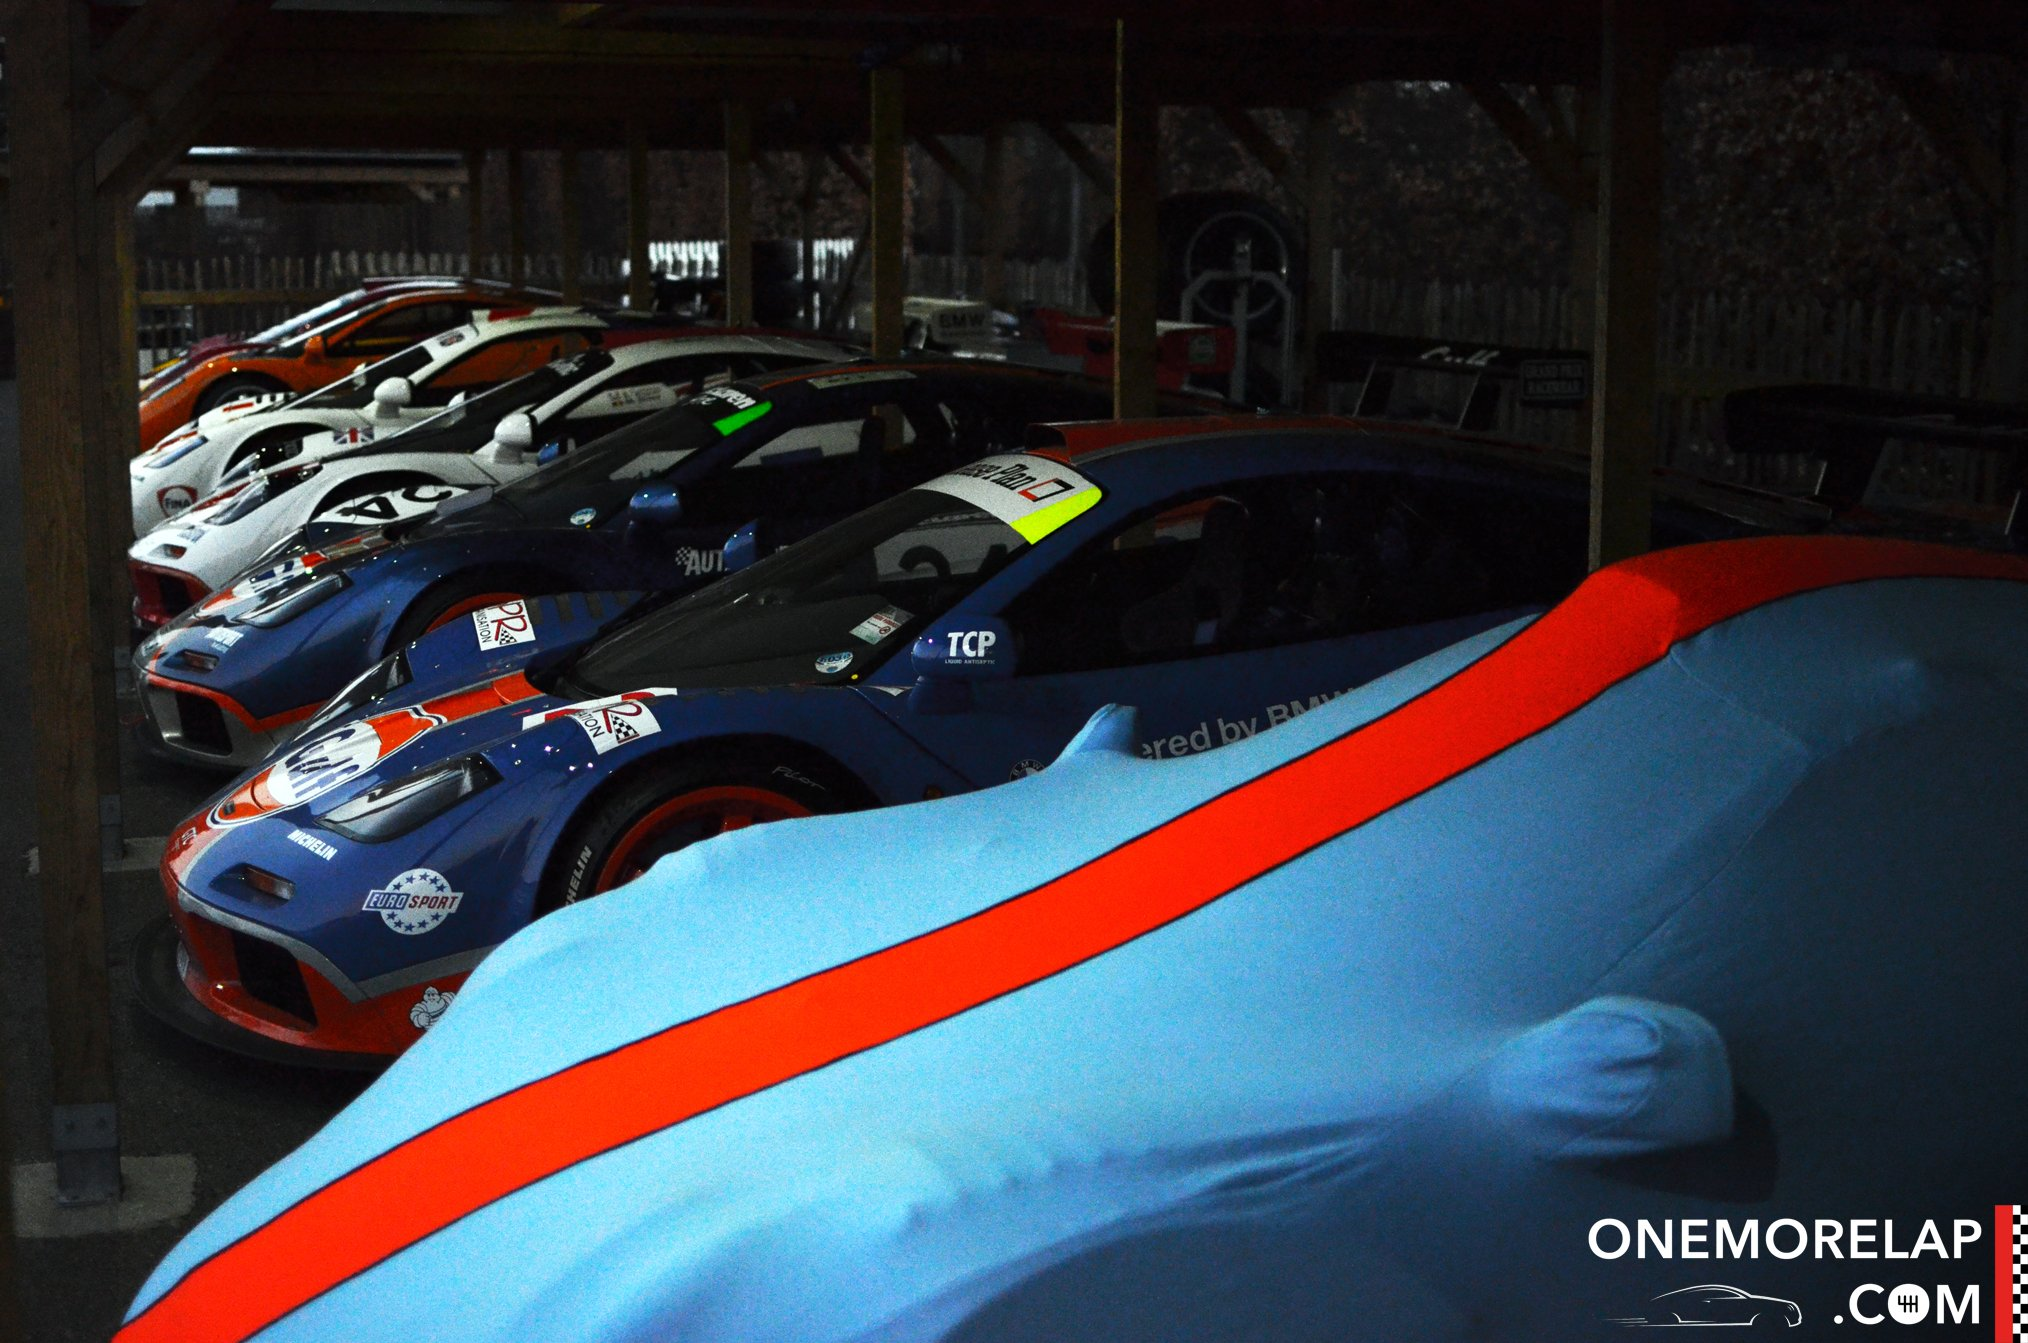 McLaren beim Goodwood Members Meeting 2015 #73MM